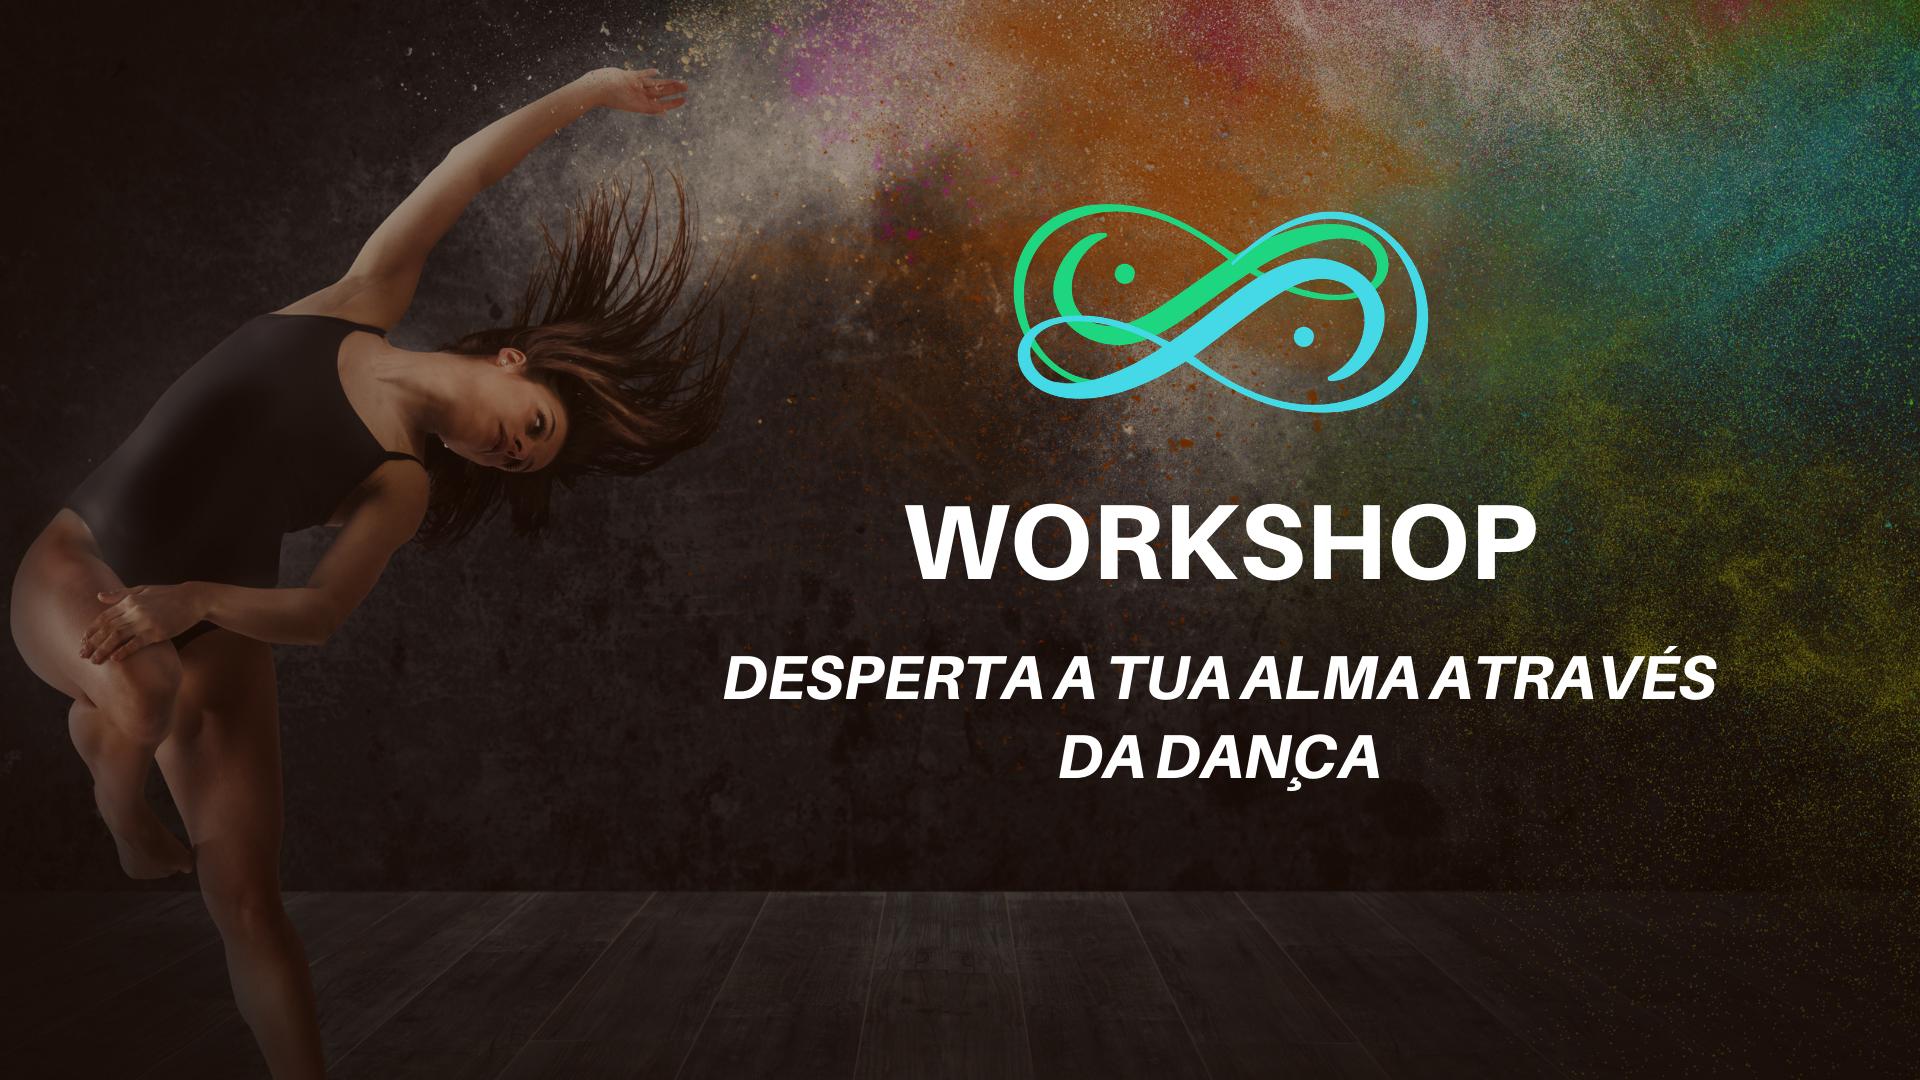 Workshop desperta a tua alma através da dança